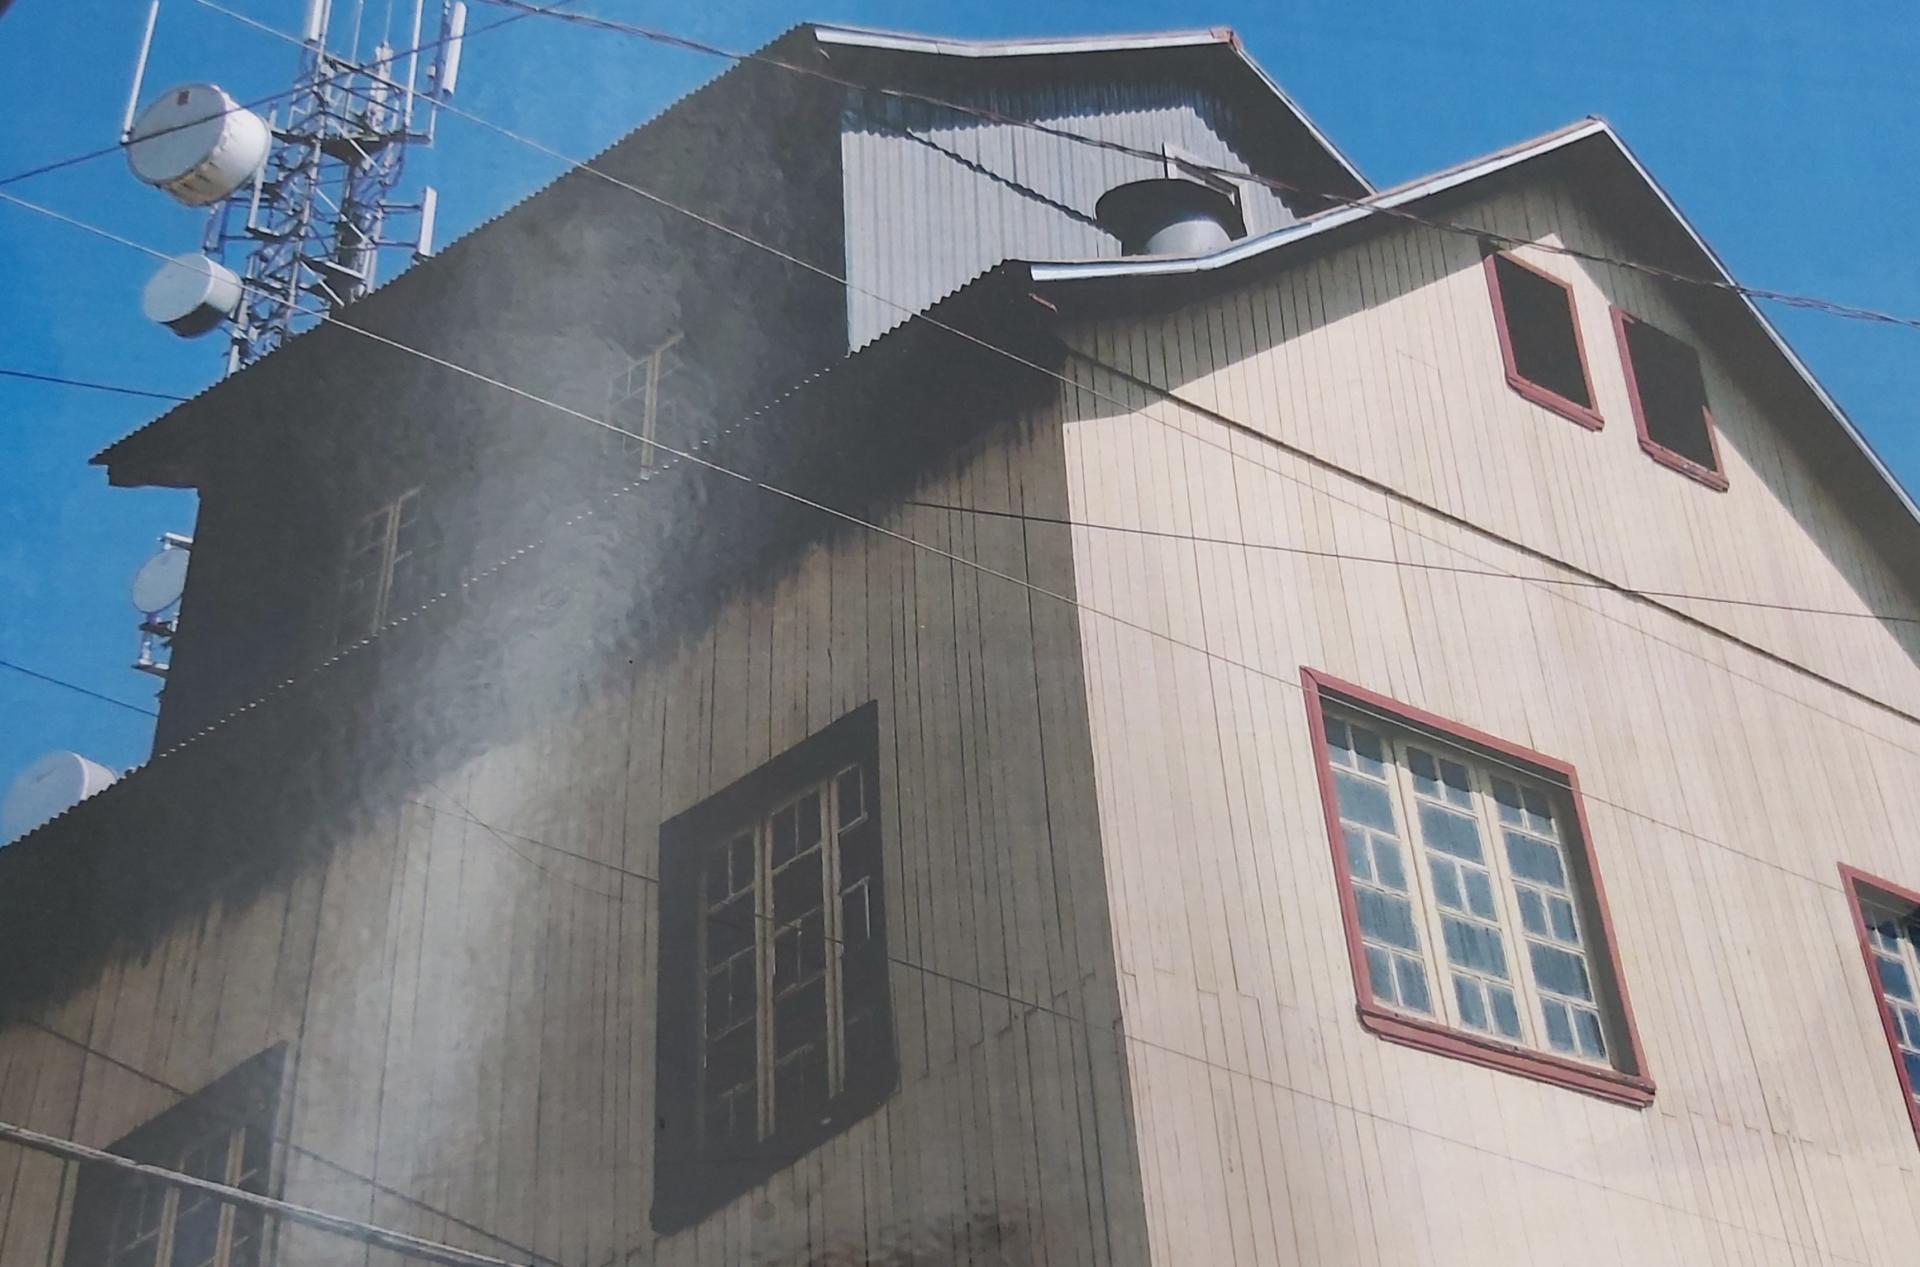 Foto colorida horizontal mostra uma casa de dois pisos de madeira, vista num ângulo abaixo, e atrás, por cima, uma moderna torre de telefonia